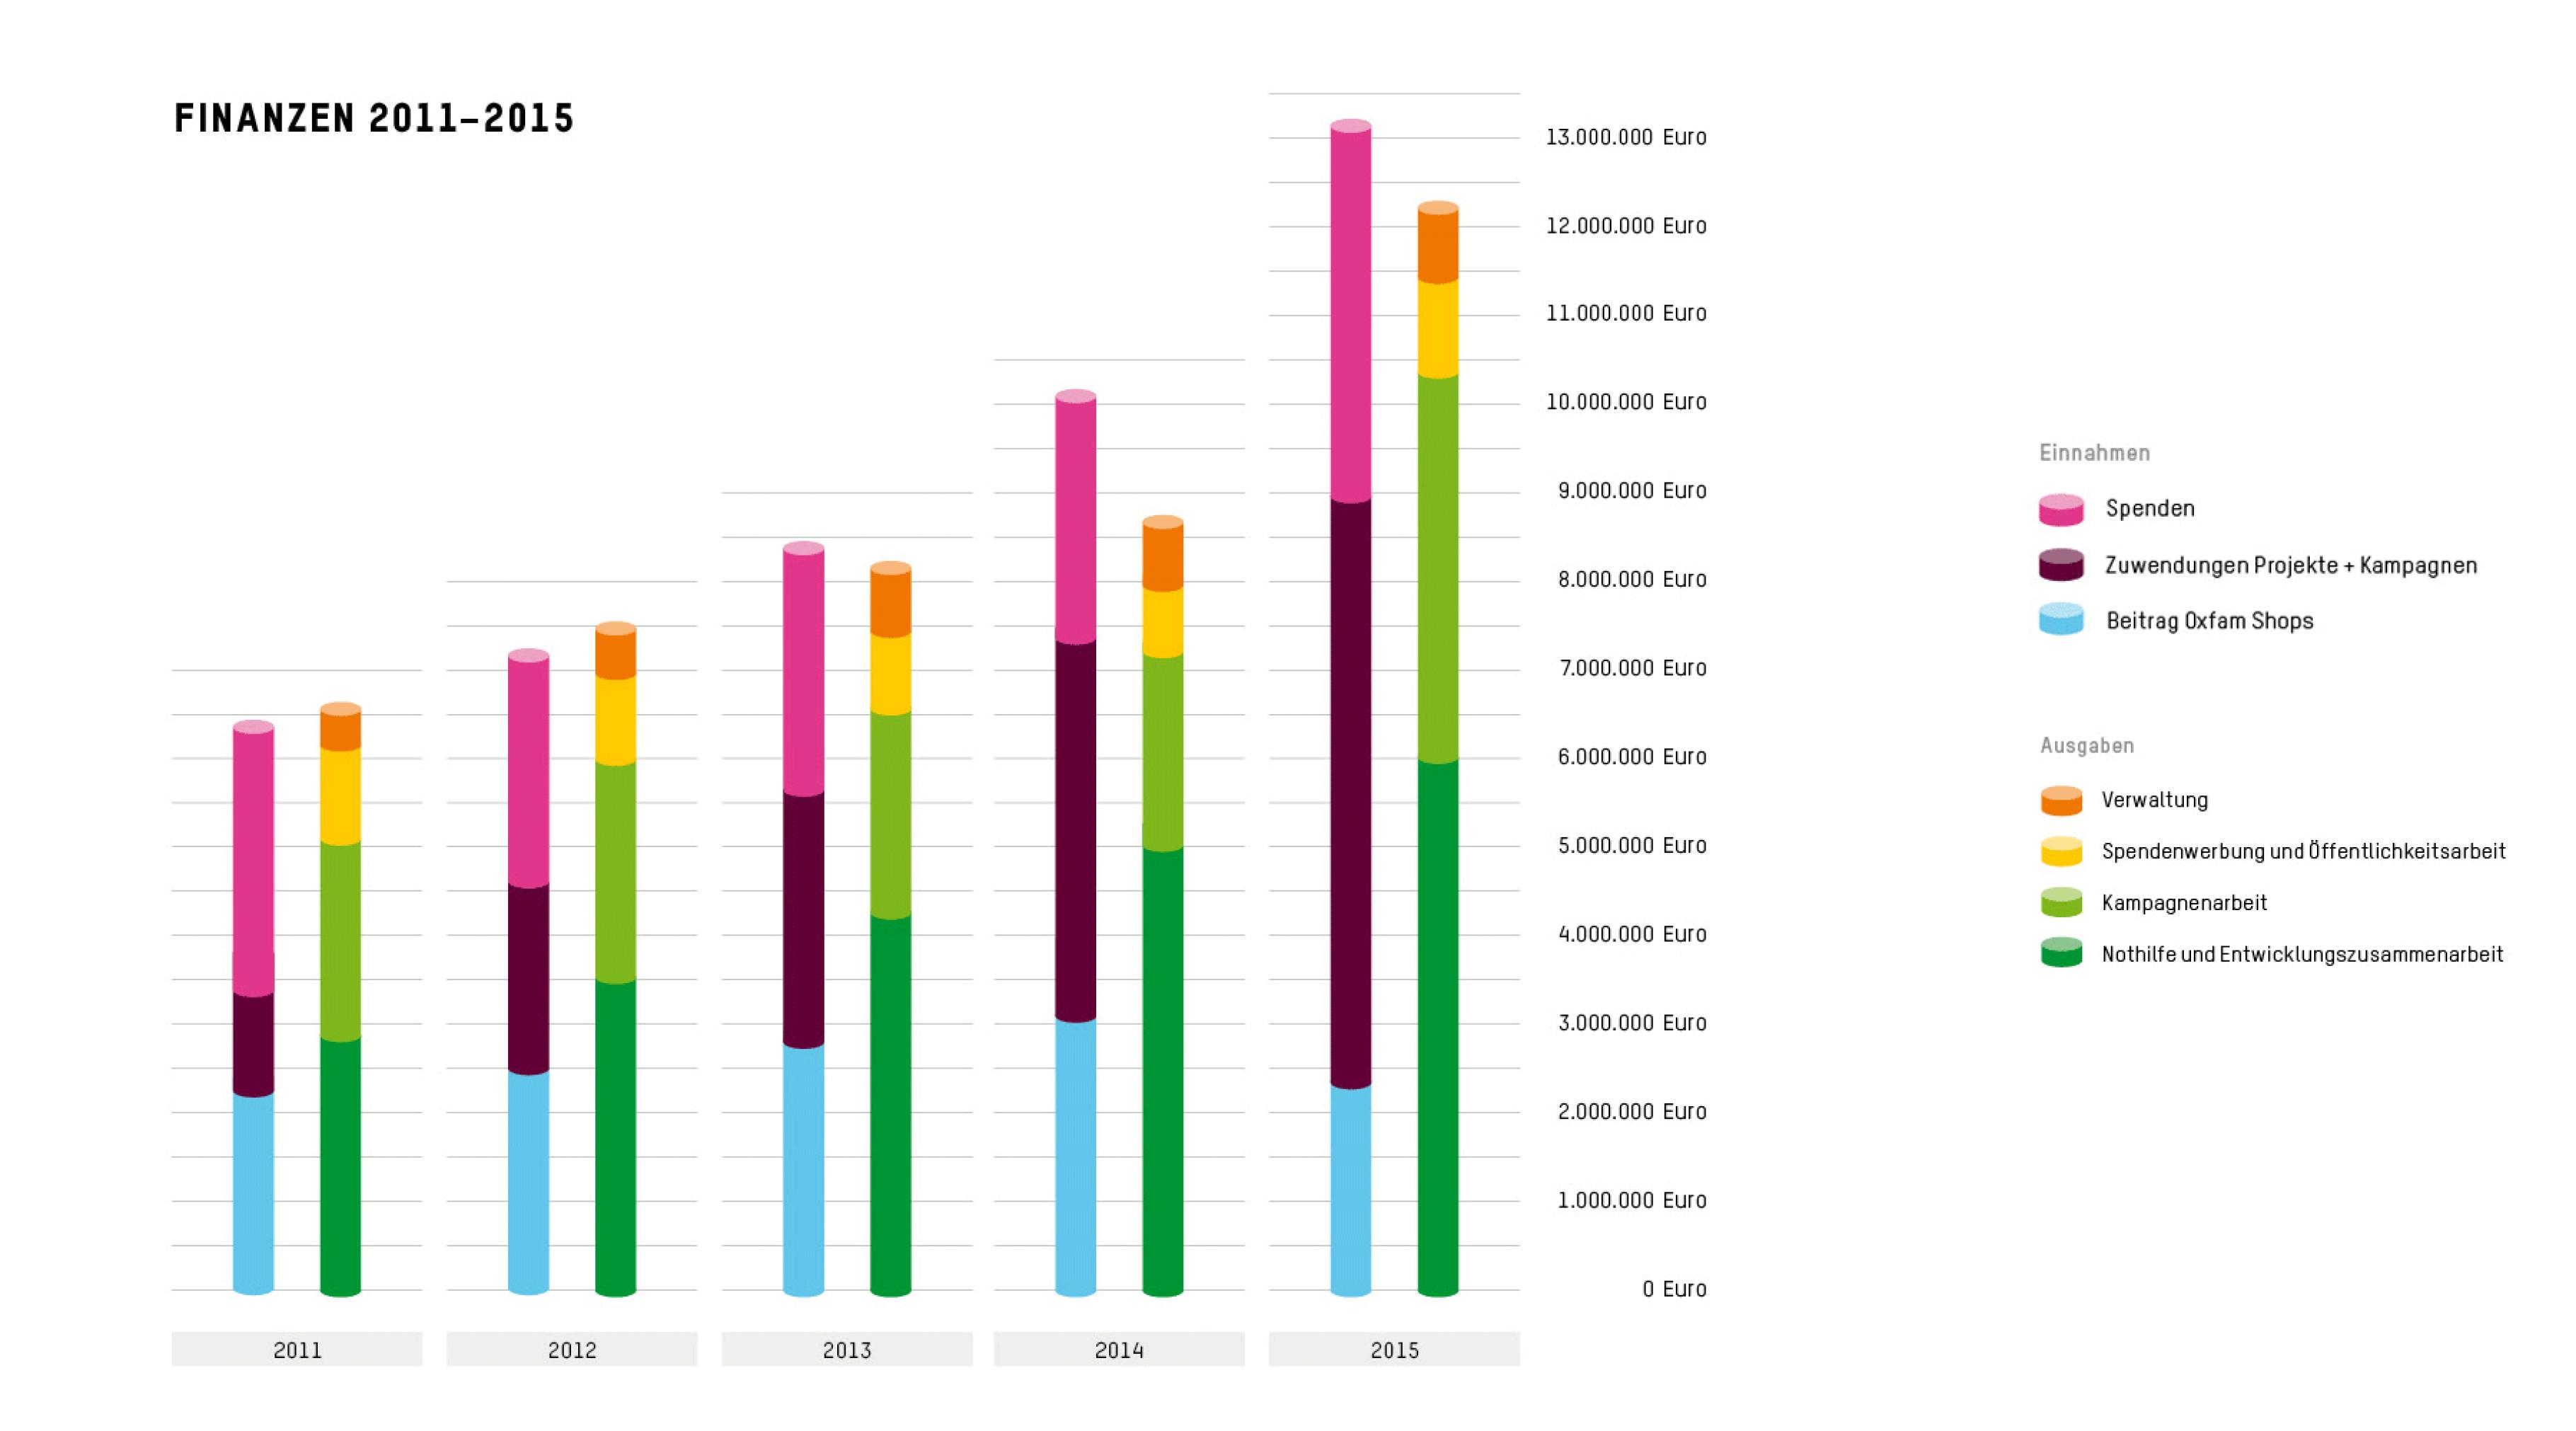 Finanzen des Vereins 2011-2015